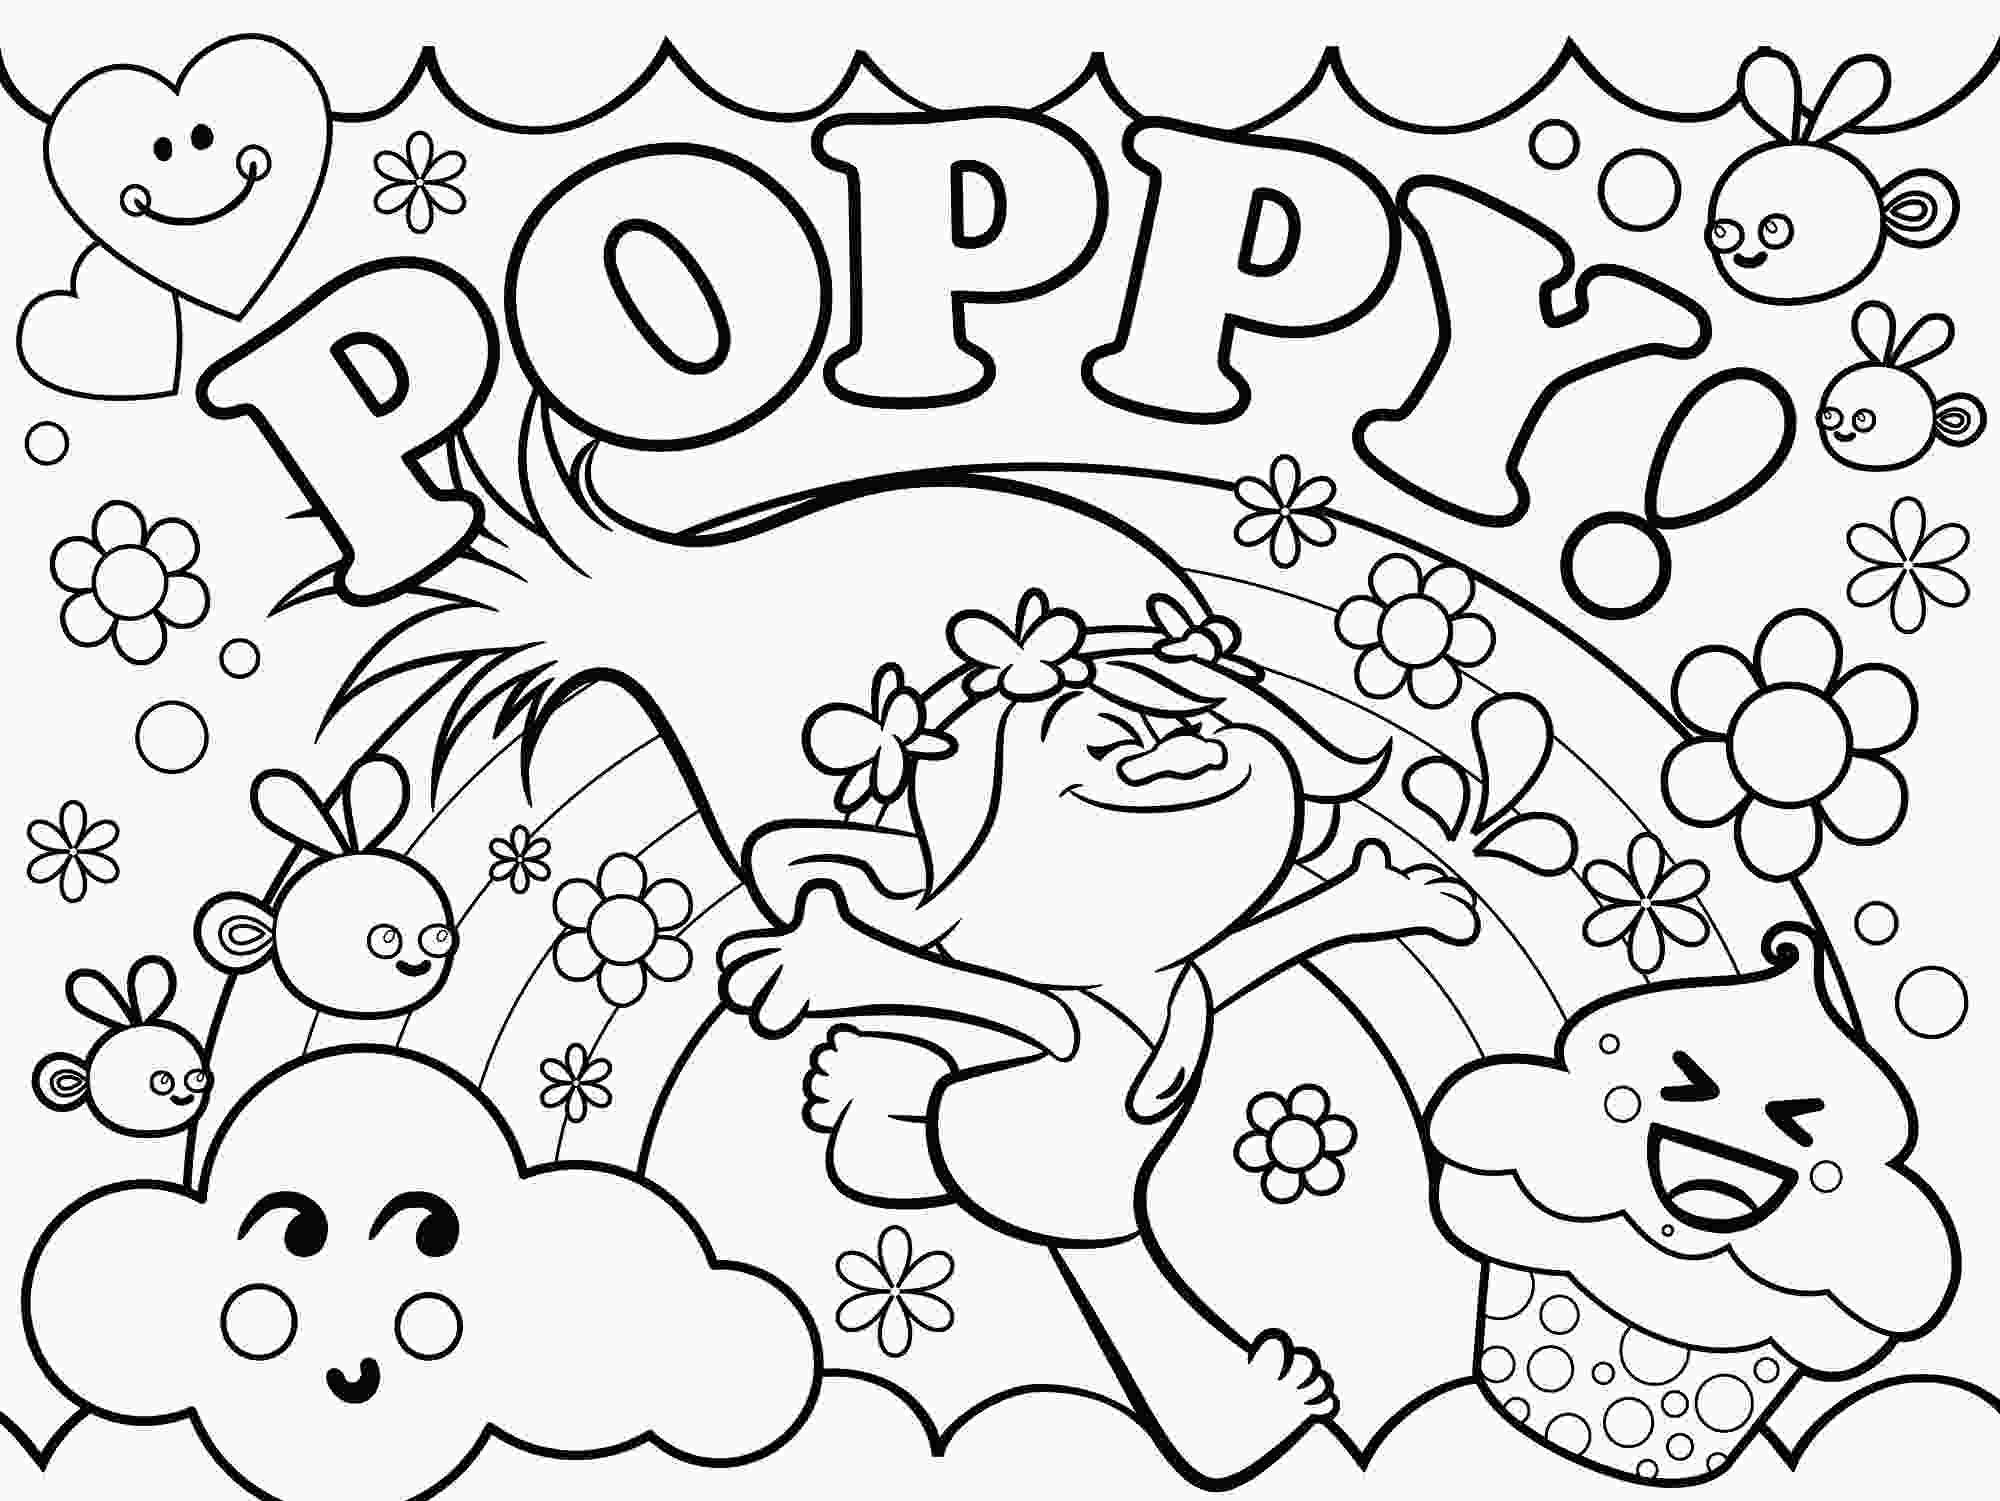 Раскраска Розочка принцесса из мультфильма Тролли